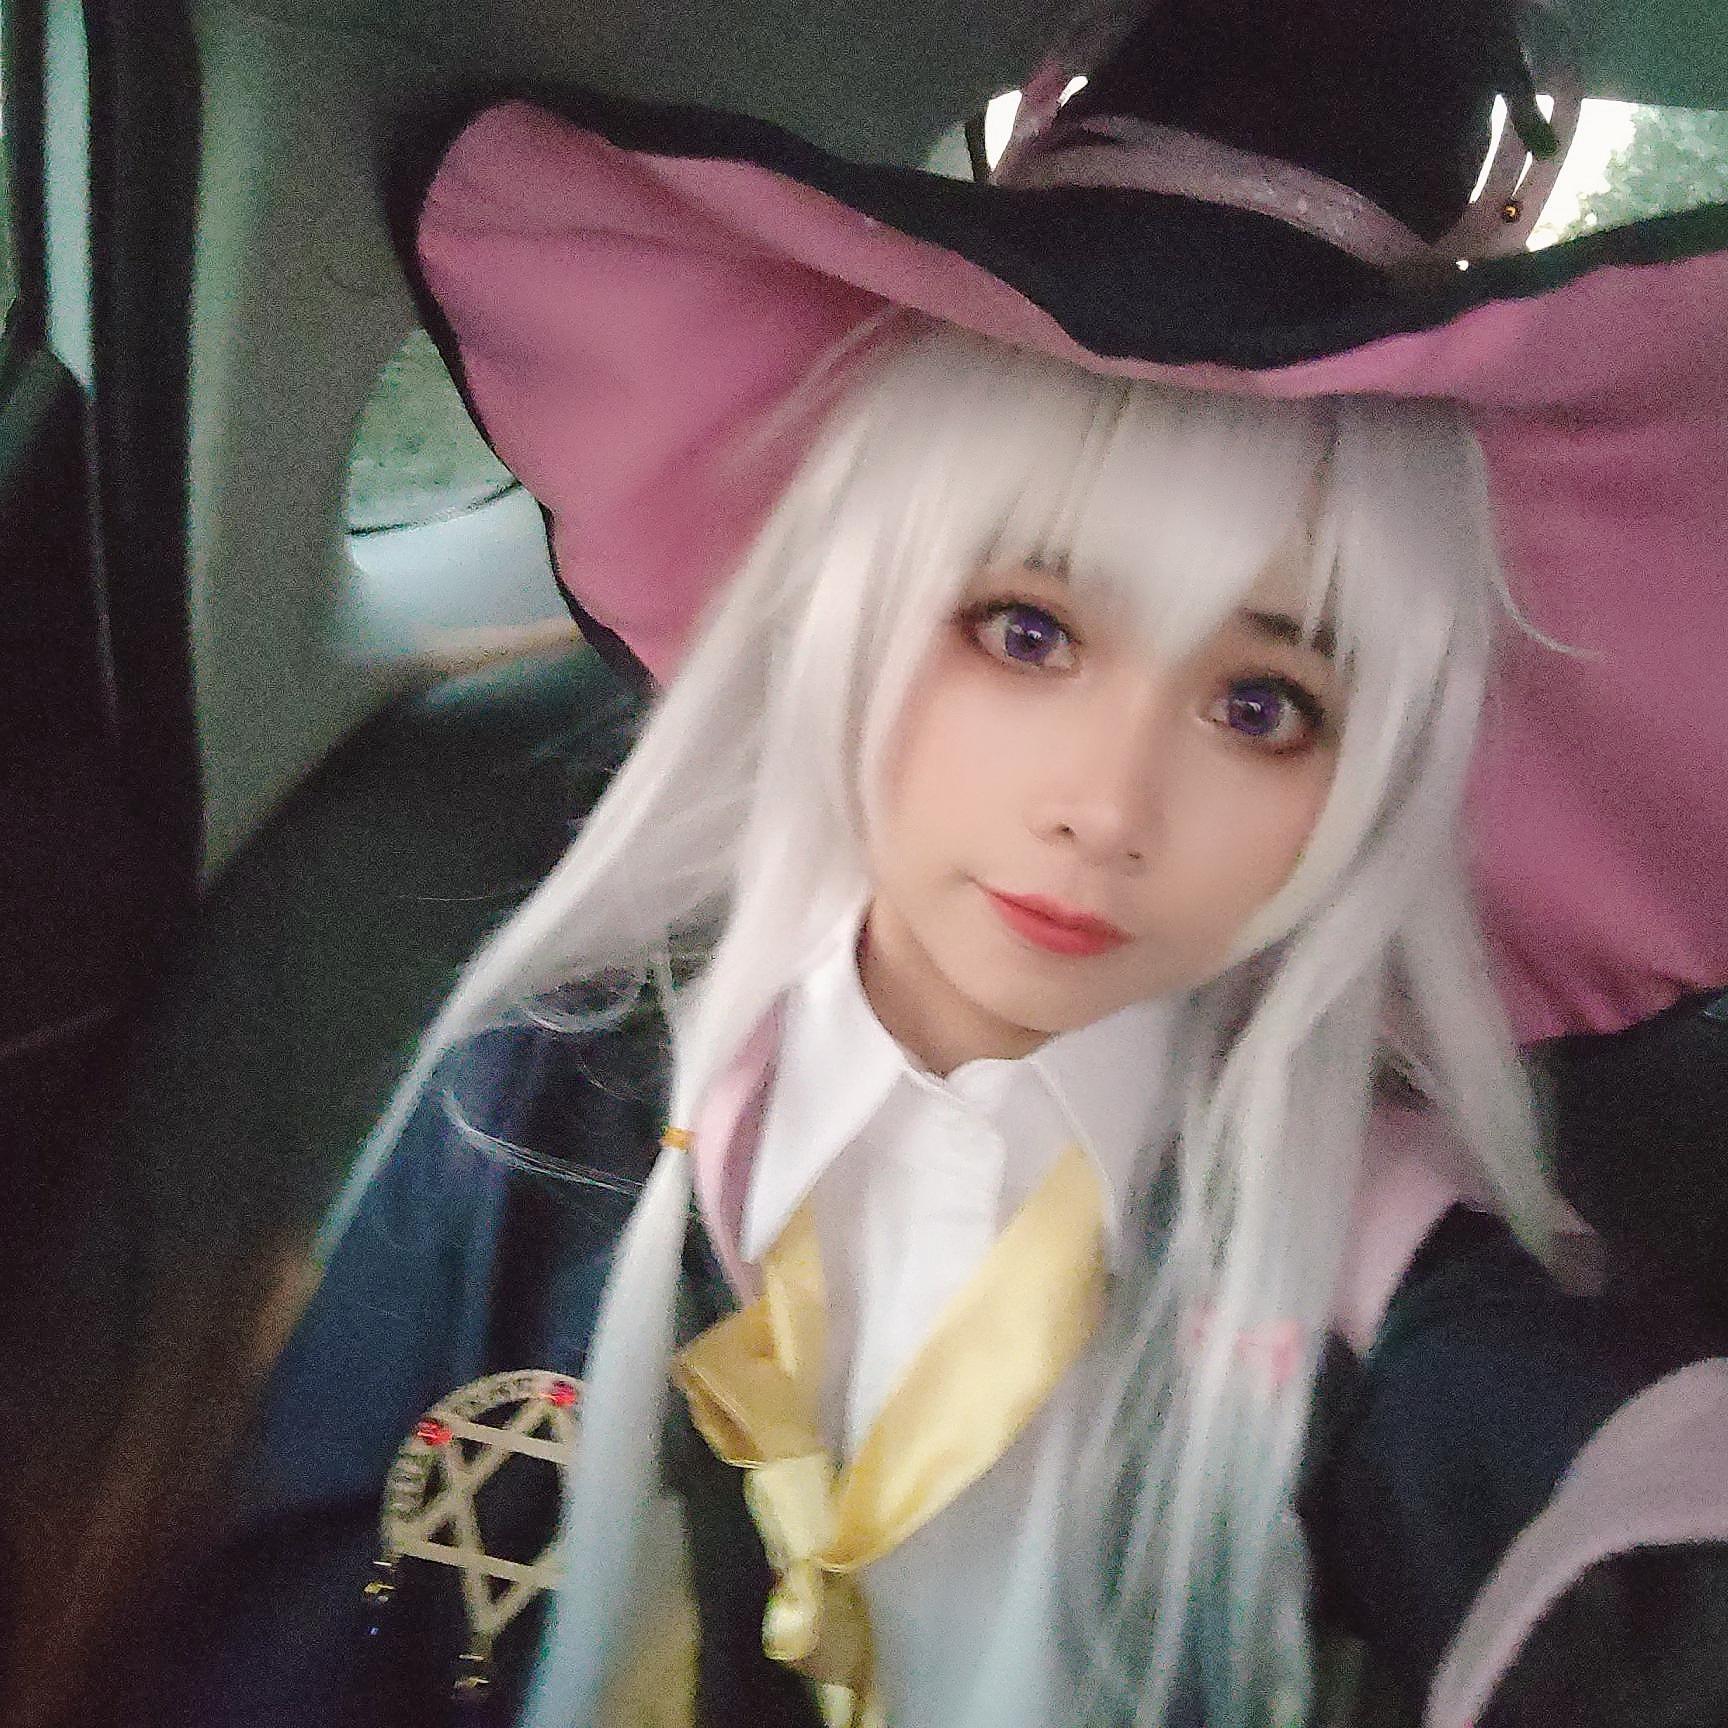 魔女cosplay【CN:buluuuuuu】-第5张